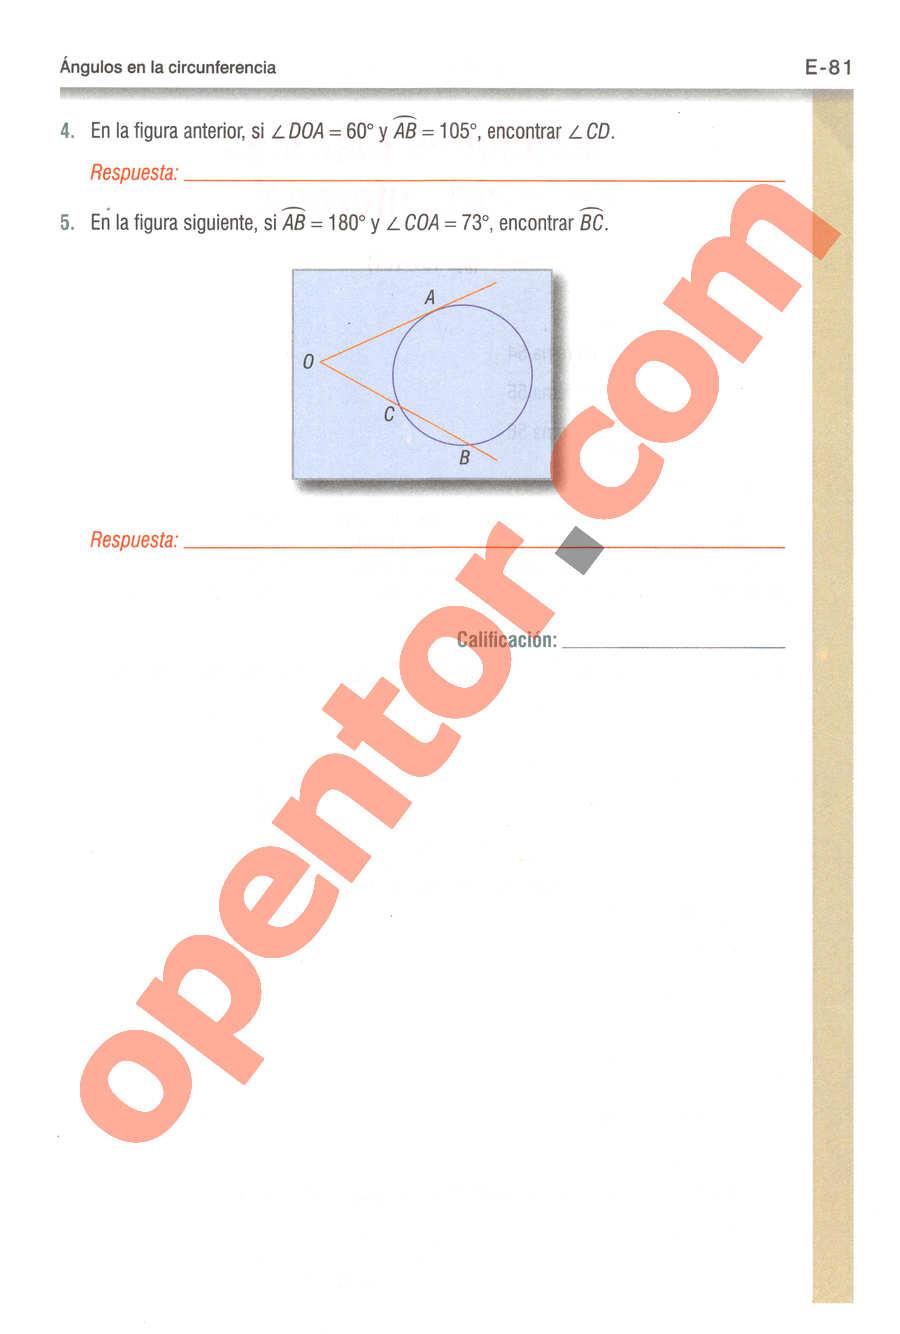 Geometría y Trigonometría de Baldor - Página E81